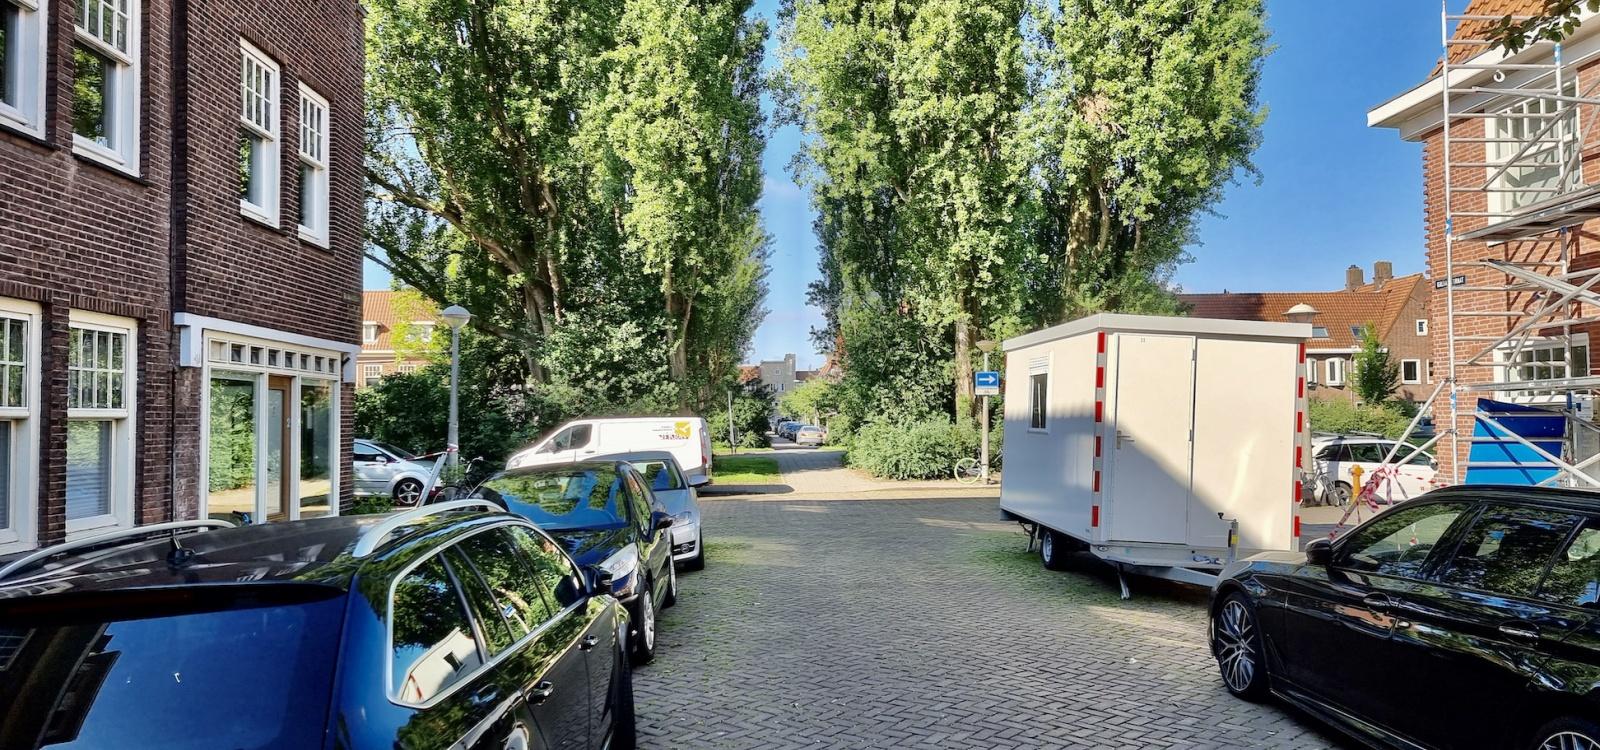 Galvanistraat,Netherlands 1098NL,3 Bedrooms Bedrooms,1 BathroomBathrooms,Apartment,Galvanistraat,1,1456